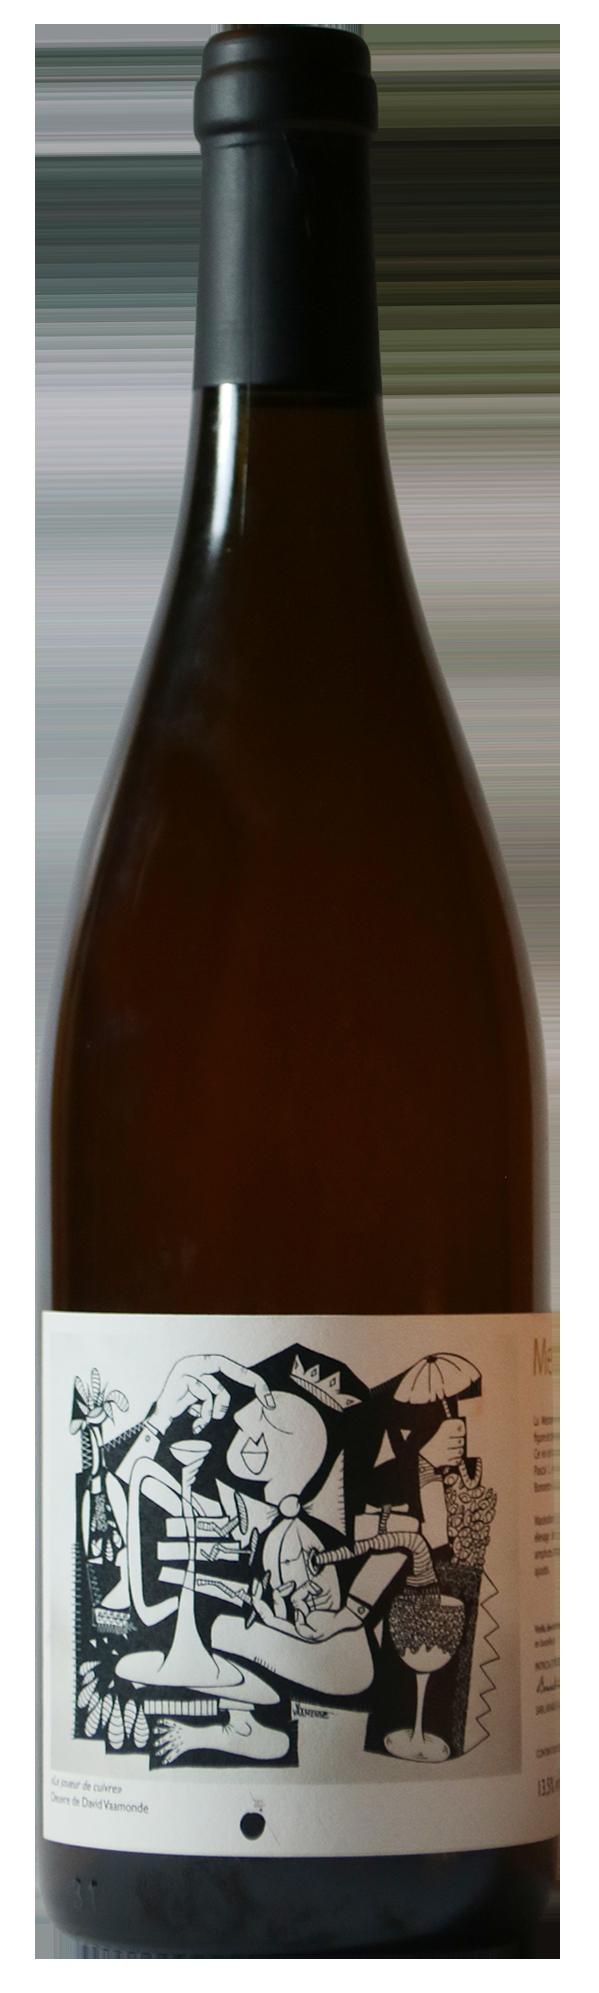 Bouteille de vin blanc naturel de macération, cuvée Metonymia 2019 Patricia et Rémi Bonneton